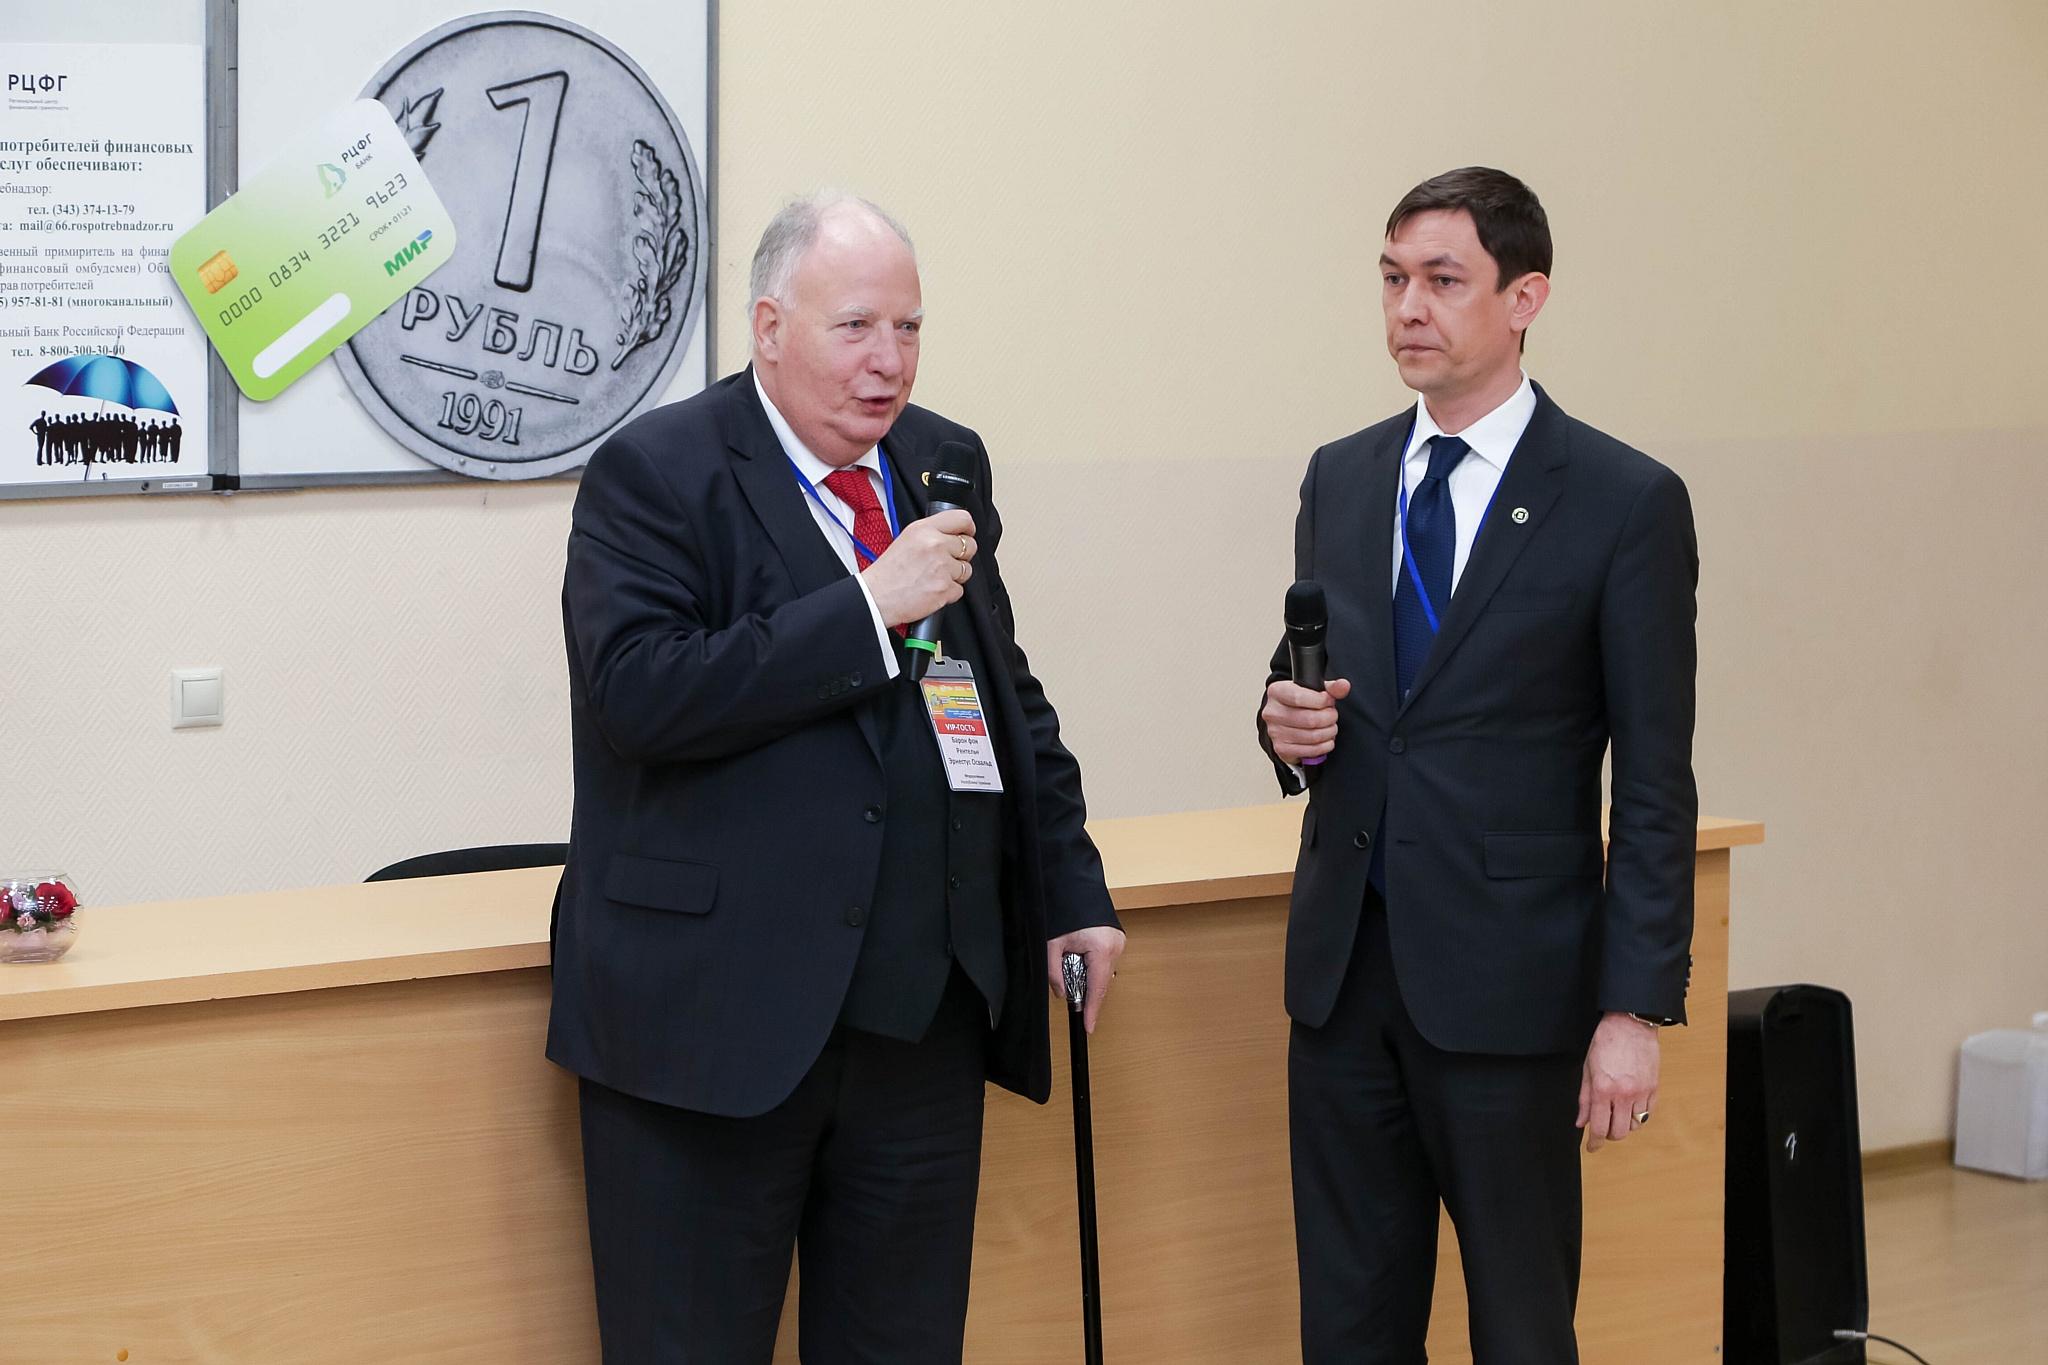 Участники конгресса финансистов - те, кто сможет повысить уровень финансовой грамотности страны